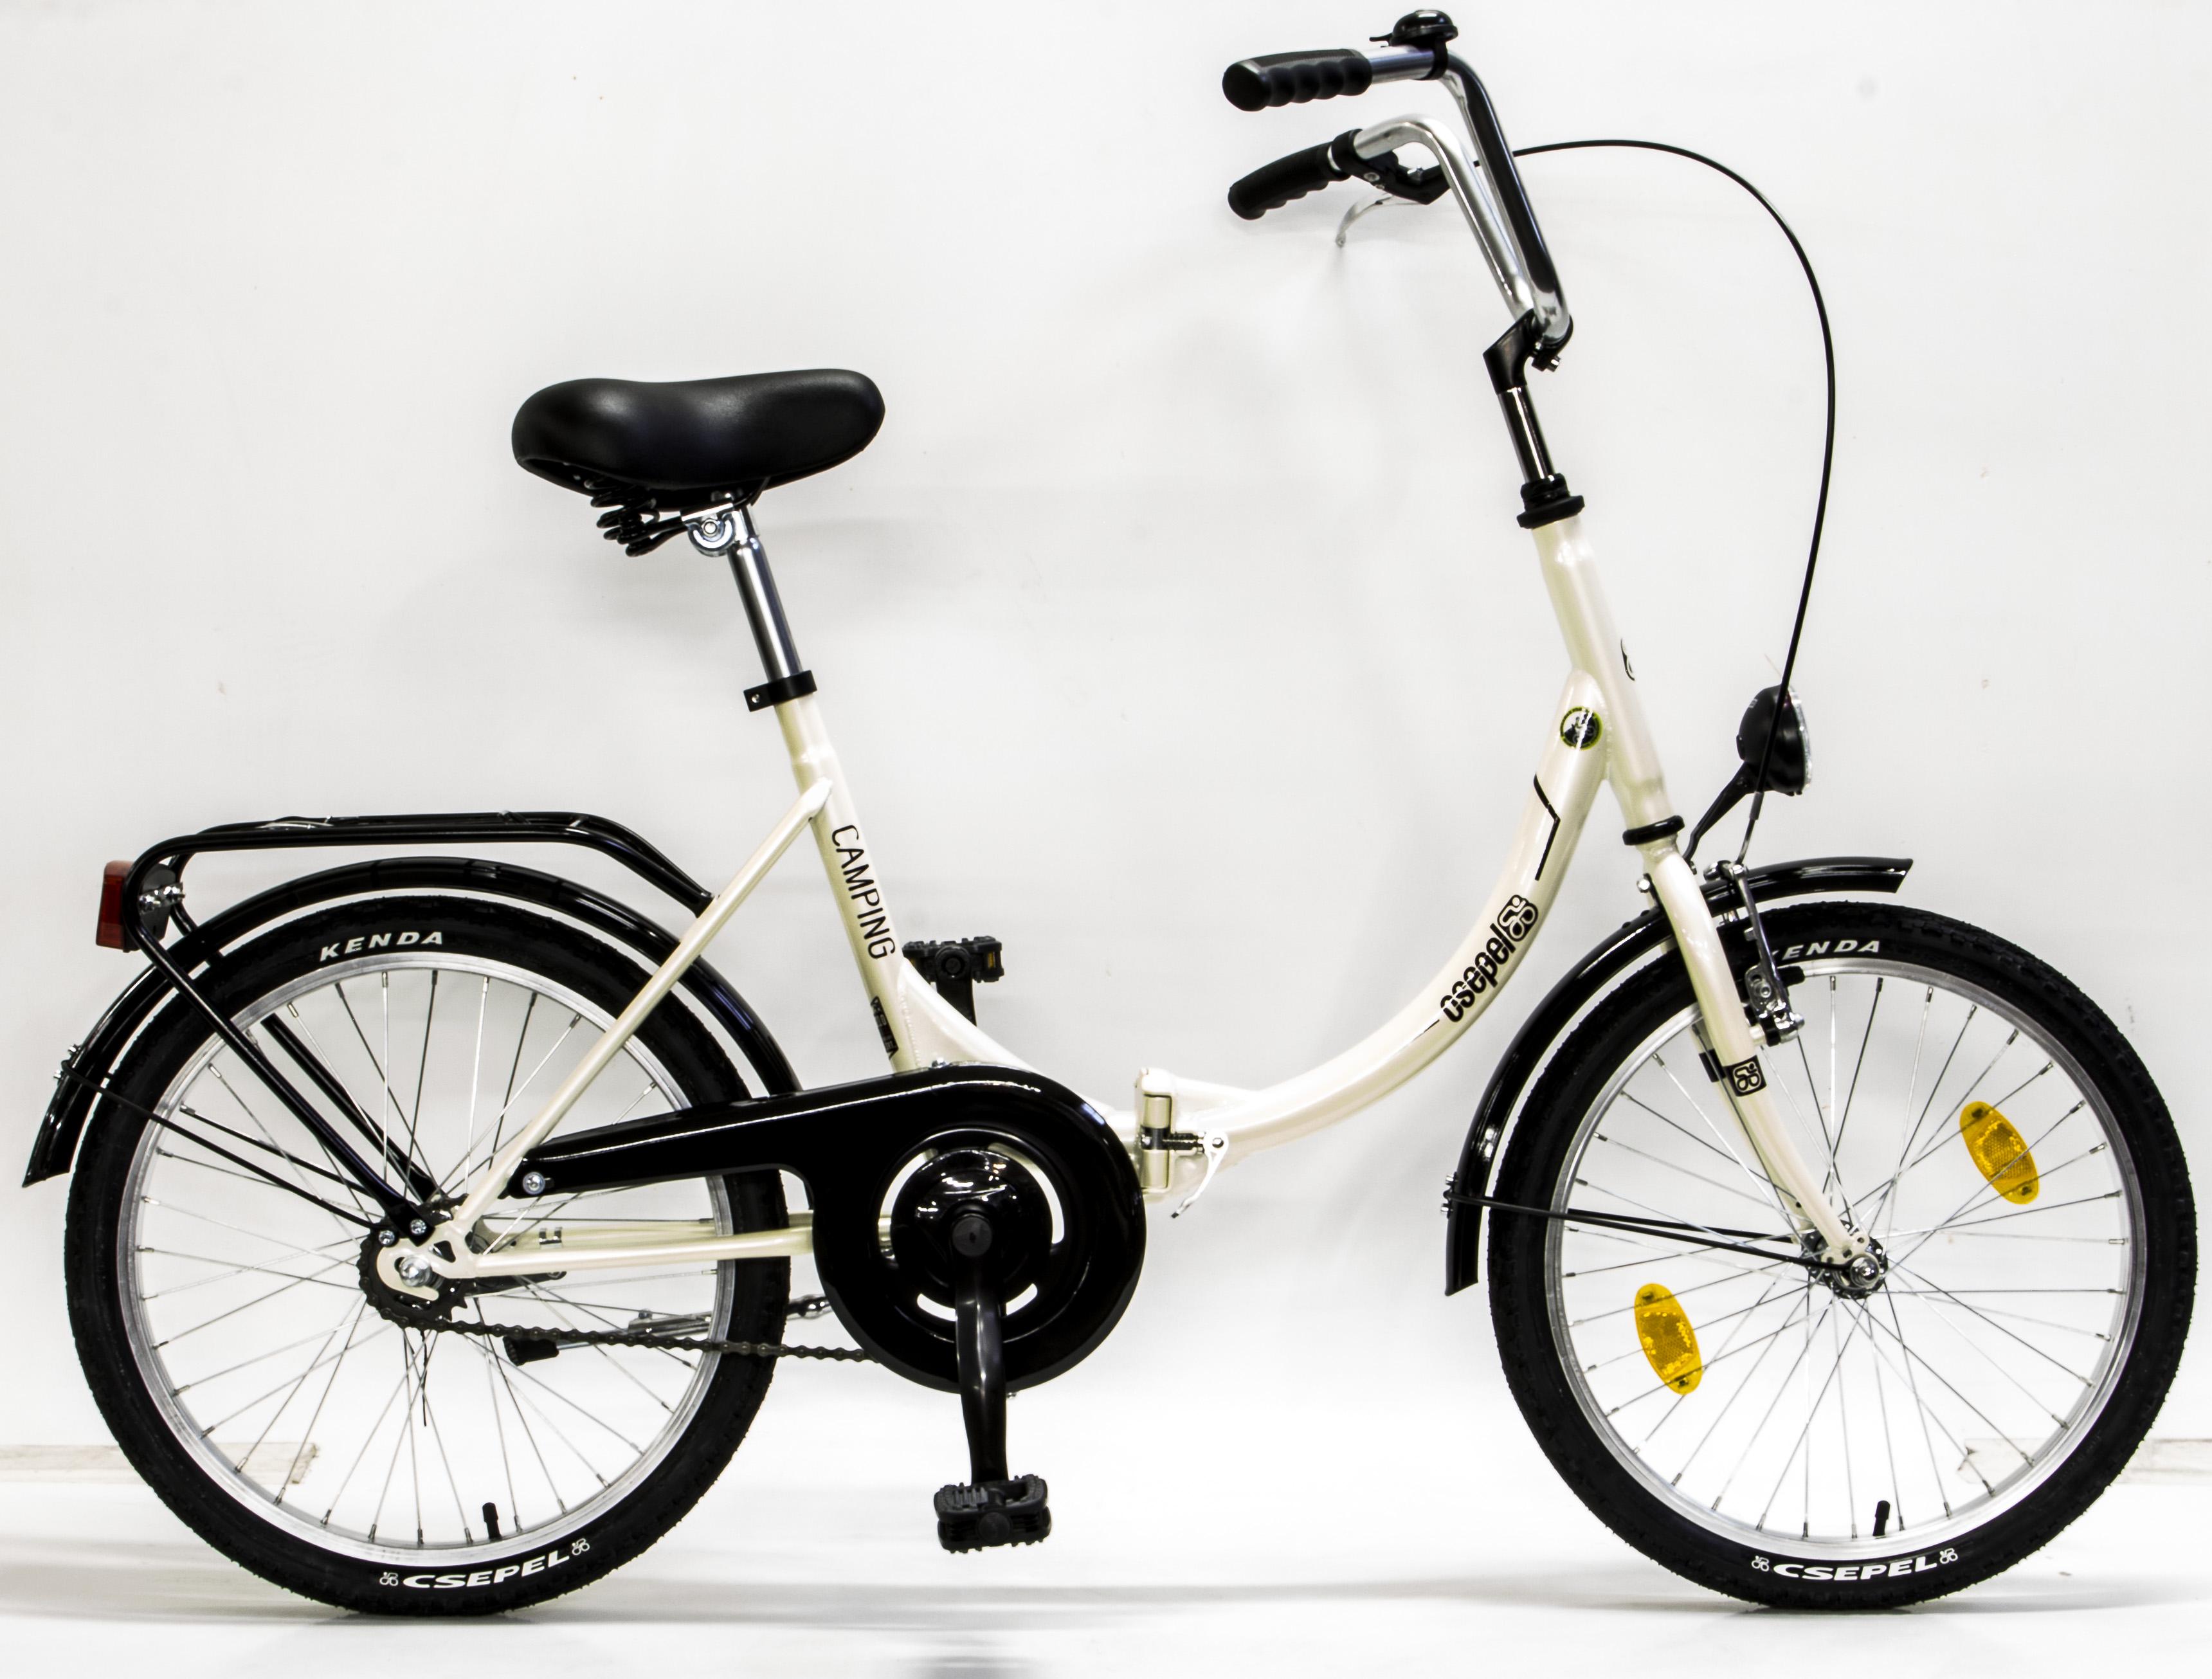 """<em><strong>Bicicleta de oras</strong></em>, Schiwnn- Csepel Camping, o bicicleta ideala pentru plimbare in oras. Rotile de numai 20"""" face din aceasta bicicleta una usor de pedalat si extrem de manevrabila printre obstacolele din parcuri.</p><p><em><strong>City bike de dama</strong></em>cu un ghidon inalt care confera o pozitie foarte comoda pe bicicleta si 3 viteze in butuc care ajuta la urcarea unor pante usoare.</p><p>Bicicleta de dama cu 2 ani garantie in magazinele Doua Roti, echipata cu urmatoarele componente:</p><p>Cadru: otel, rabatabil</p><p>Furca: otel</p><p>Monobloc: 119/122 cm</p><p>Angrenaj:Büchel, 46T , 170 mm, 3/32""""</p><p>Frana fata:Saccon """"V"""" , aluminiu, 110 mm</p><p>Maneta frana: Saccon</p><p>Pipa: clasica de 150 mm</p><p>Set cuveta:Cartridge 1"""" cu filet</p><p>Ghidon:Saten, 600x70 mm</p><p>Viteza: 3 interne</p><p>Tija sa : 250 mm</p><p>Sa:Selle Royal 8072DC cu gel si arcuri</p><p>Butuc fata:Joytech JY-433</p><p>Butuc spate: Shimano Nexus 3</p><p>Jenti:Beretta P24, 20x1,75</p><p>Anvelope: Kenda K198</p><p>Far:Büchel </p><p>Stop:Büchel pentru dinam, 6 V, 0,6 W</p><p>Aparatori noroi:Büchel Röder</p><p>Portbagaj:M.Factory</p><p></p><p></p><p></p><p>"""